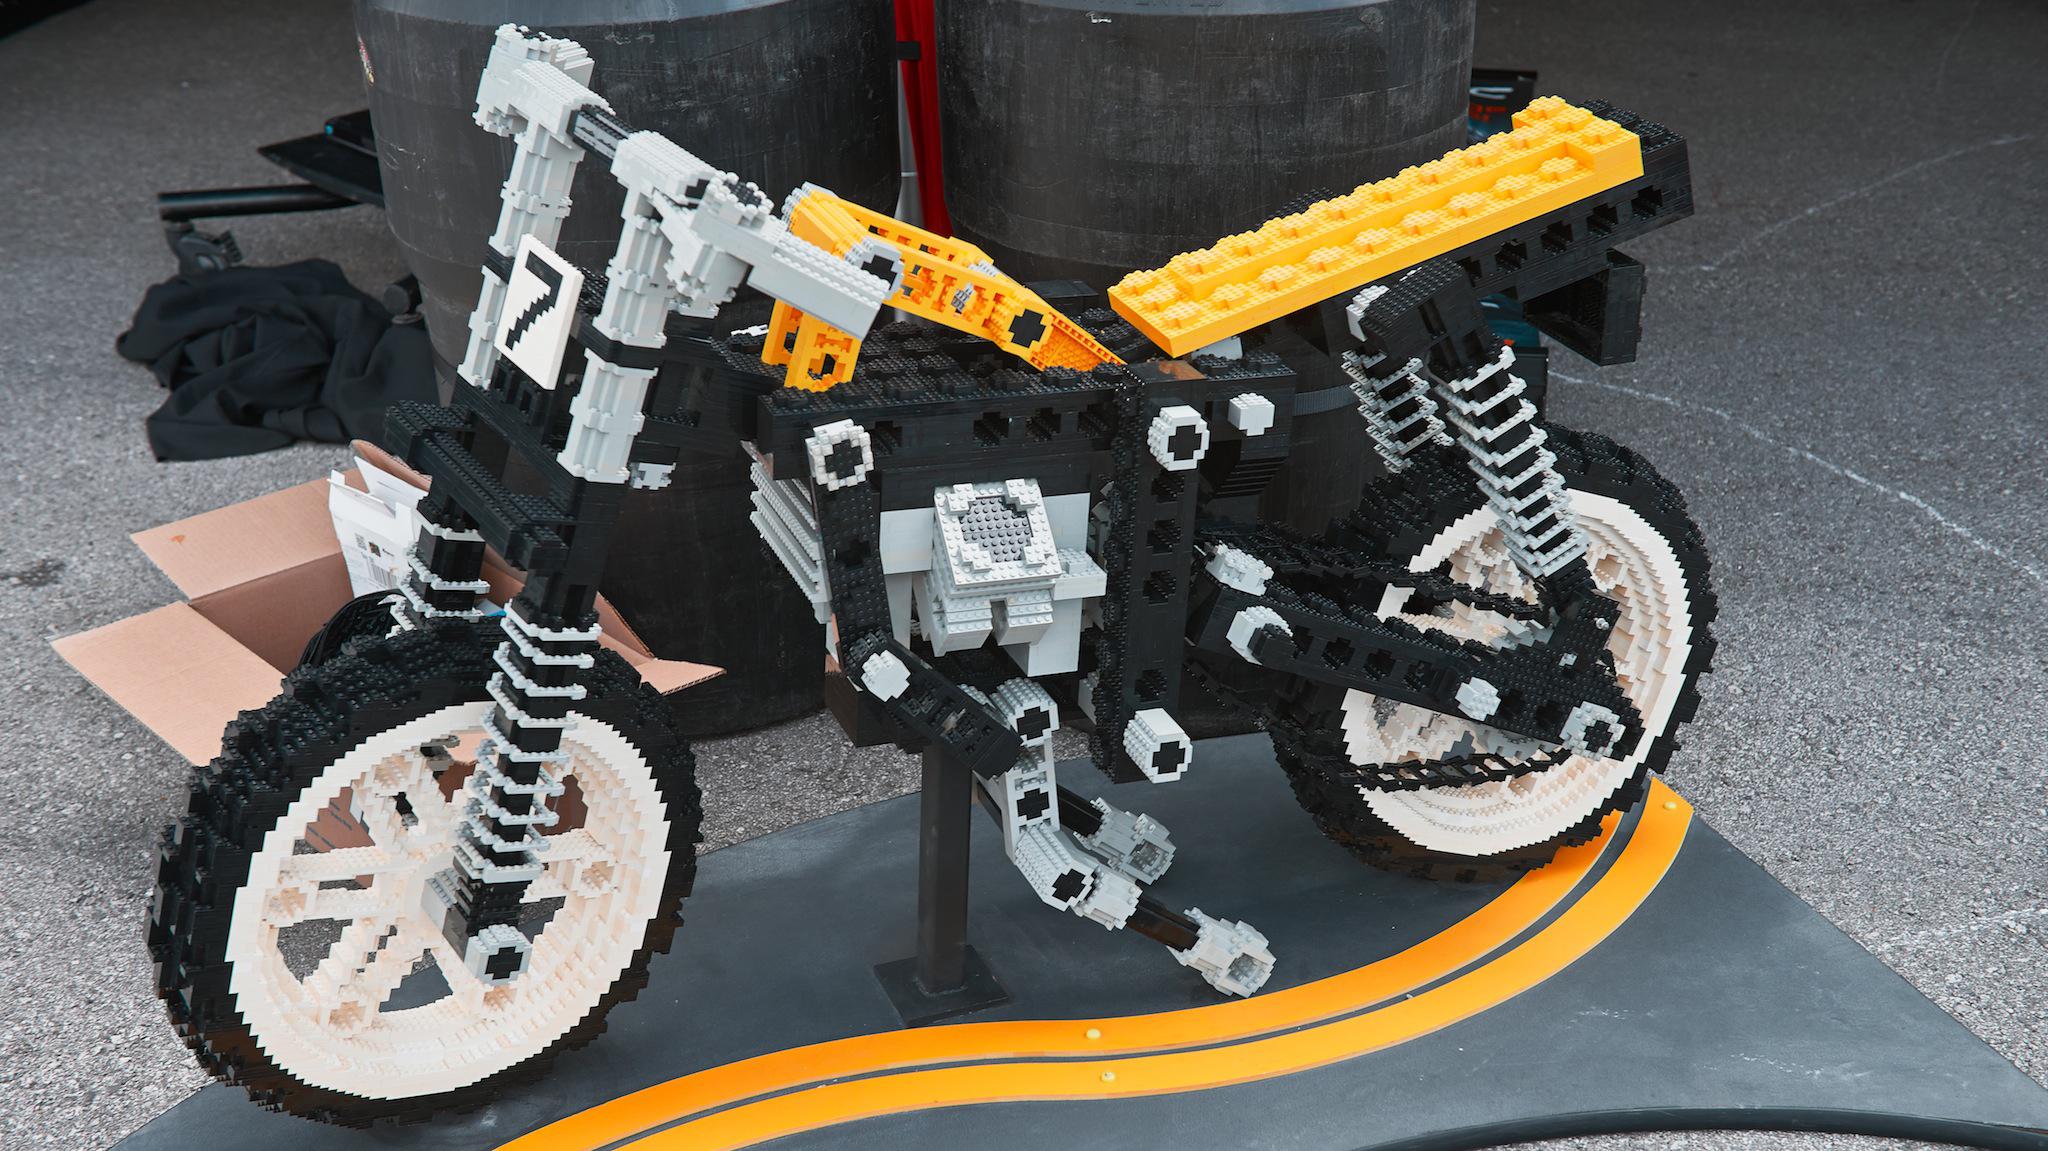 Lego motorcycle